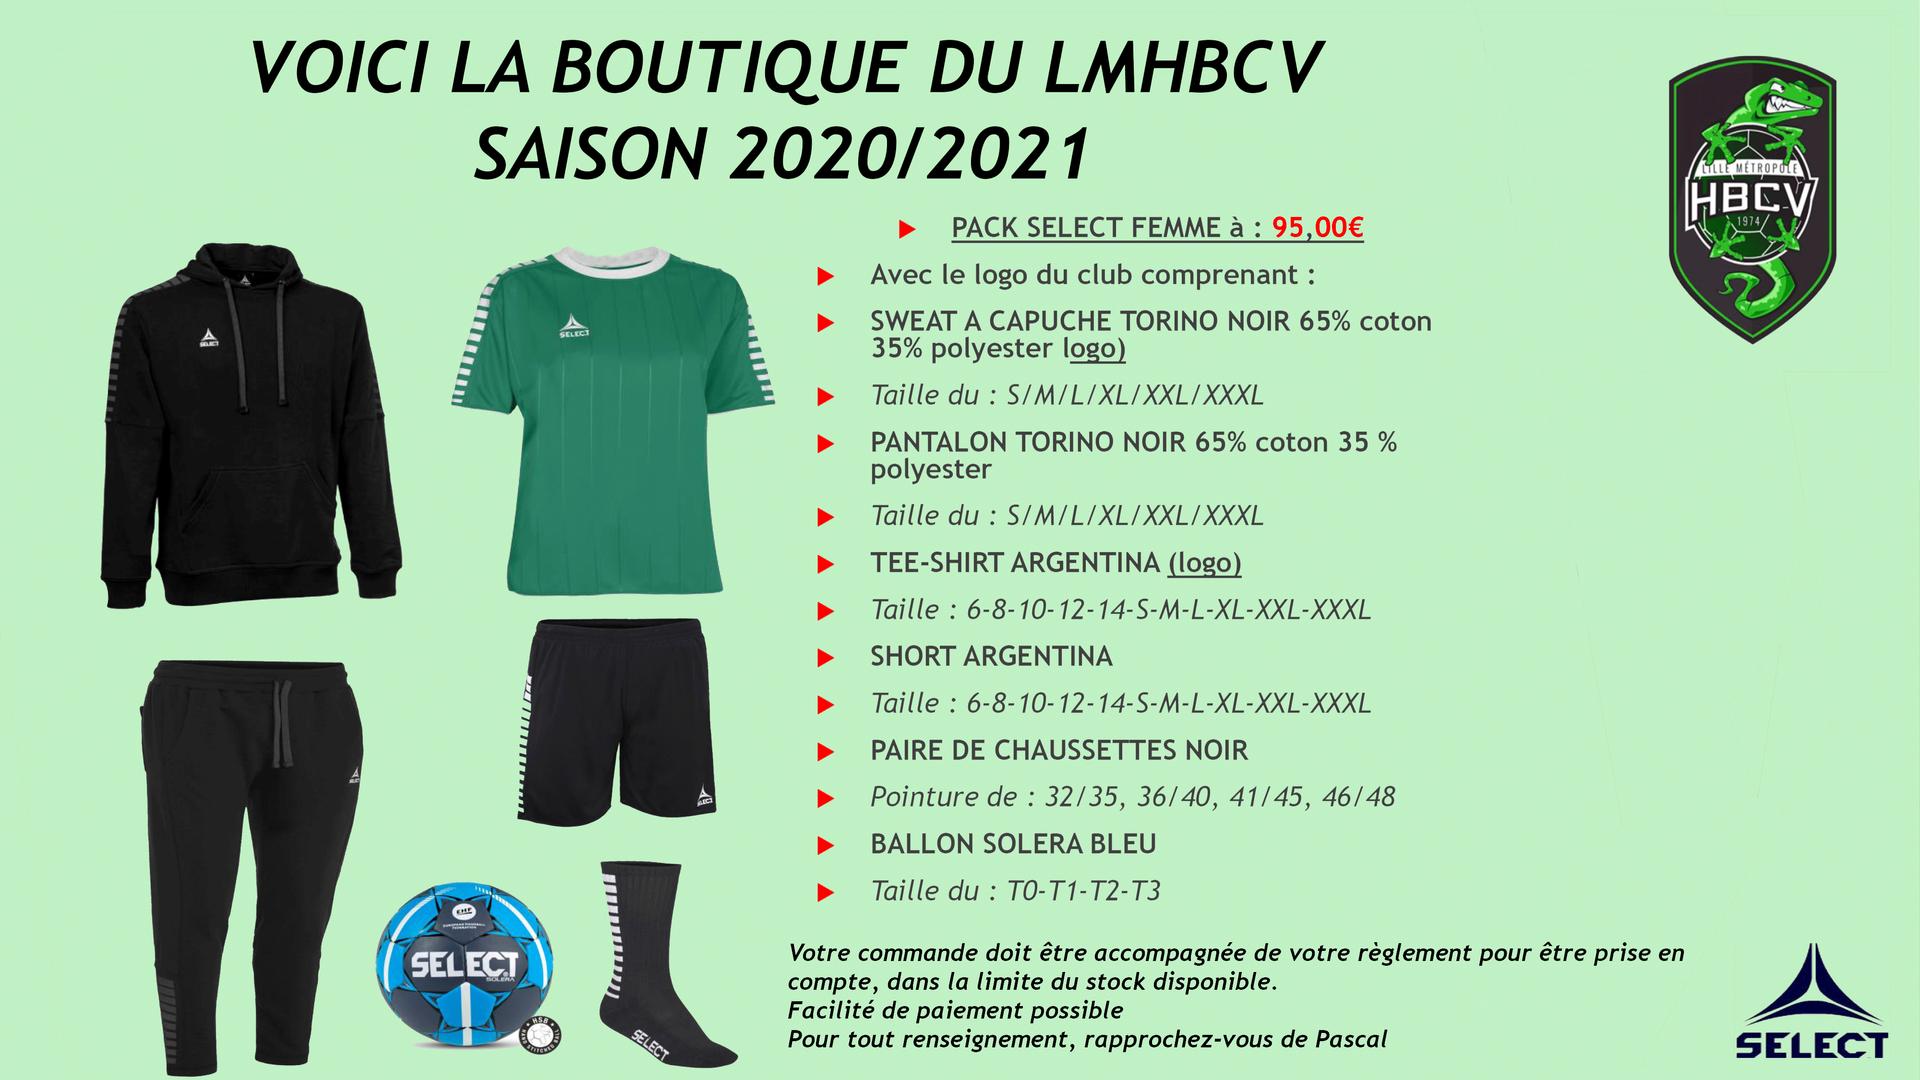 Boutique-LMHBCV-P5.png